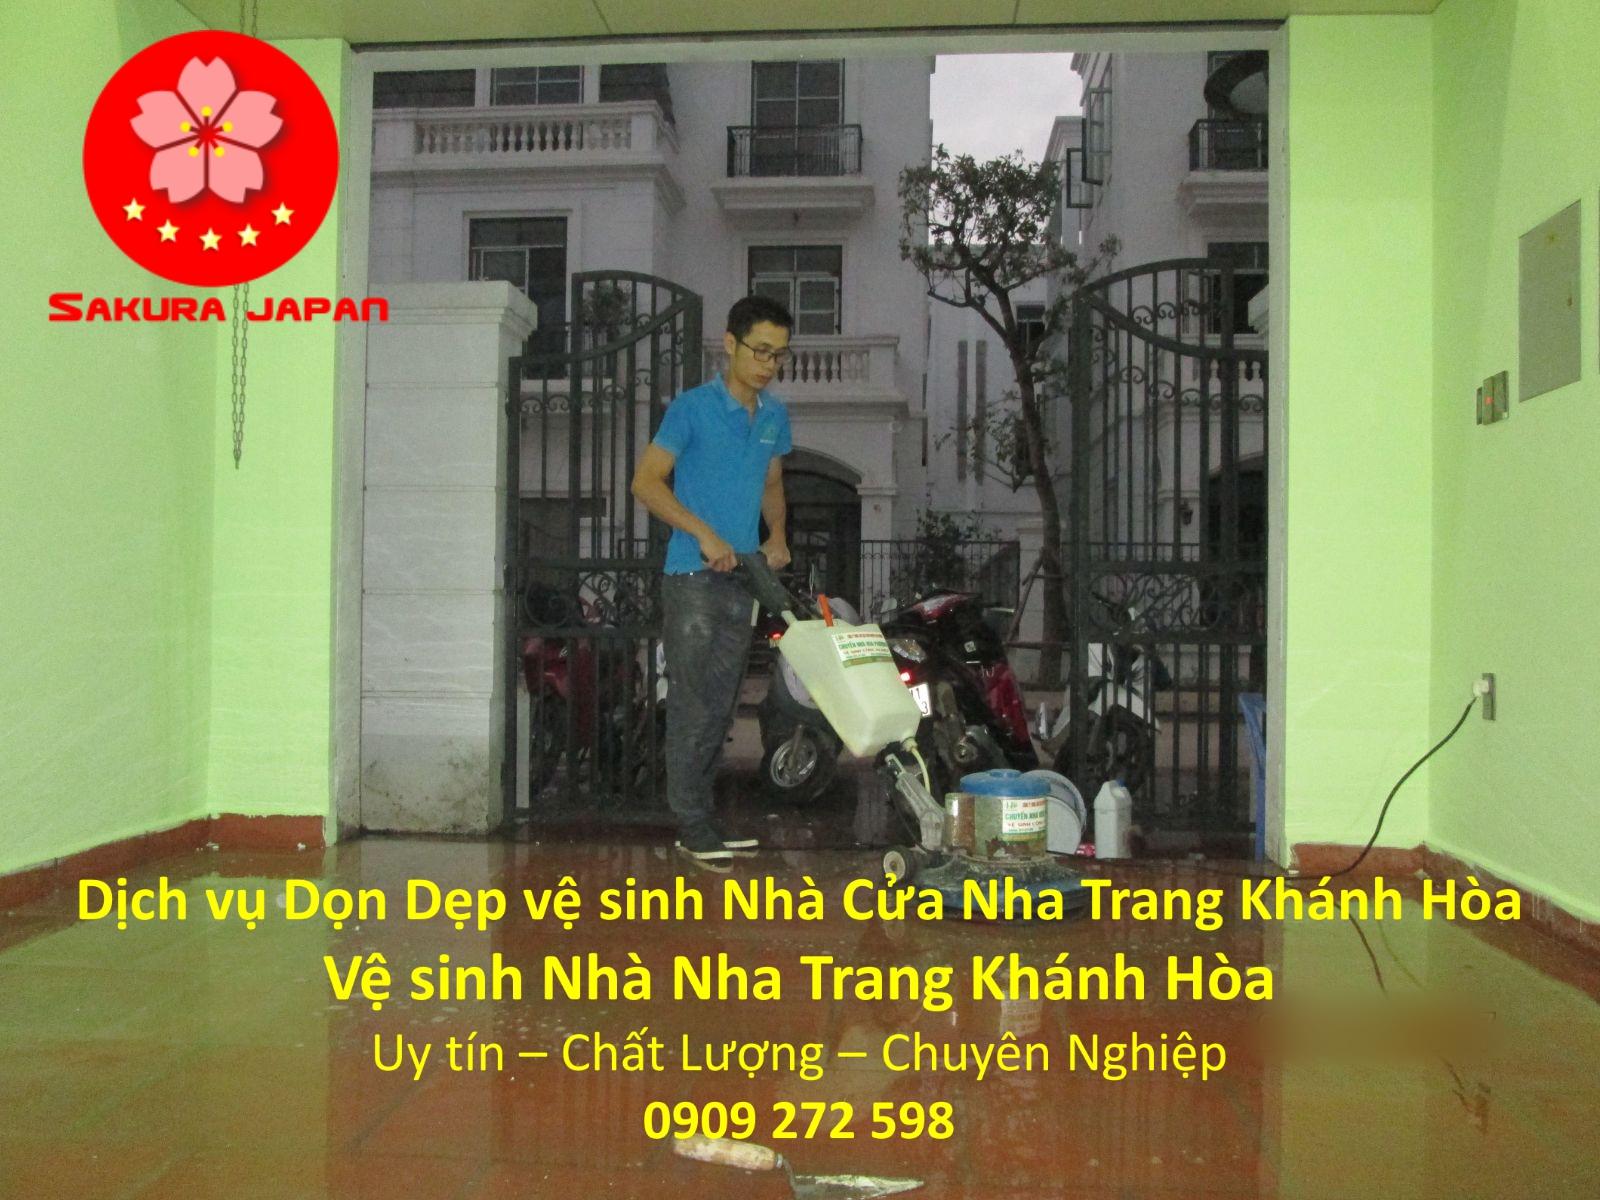 Dọn Dẹp vệ sinh Nhà Cửa Nha Trang Khánh Hòa Chuyên Nghiệp 3